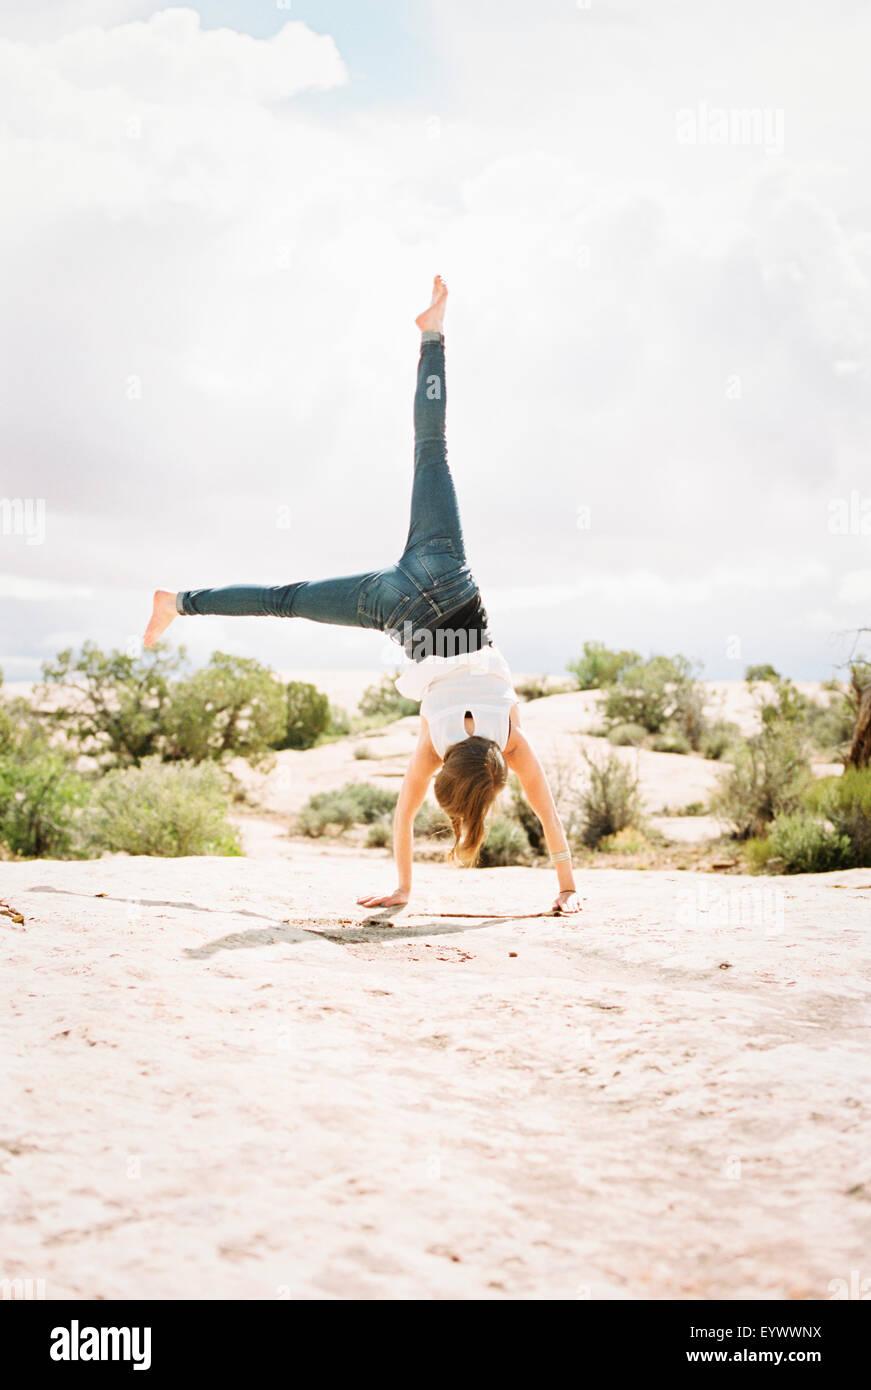 A piedi nudi donna che indossa jeans, cartwheeling Immagini Stock